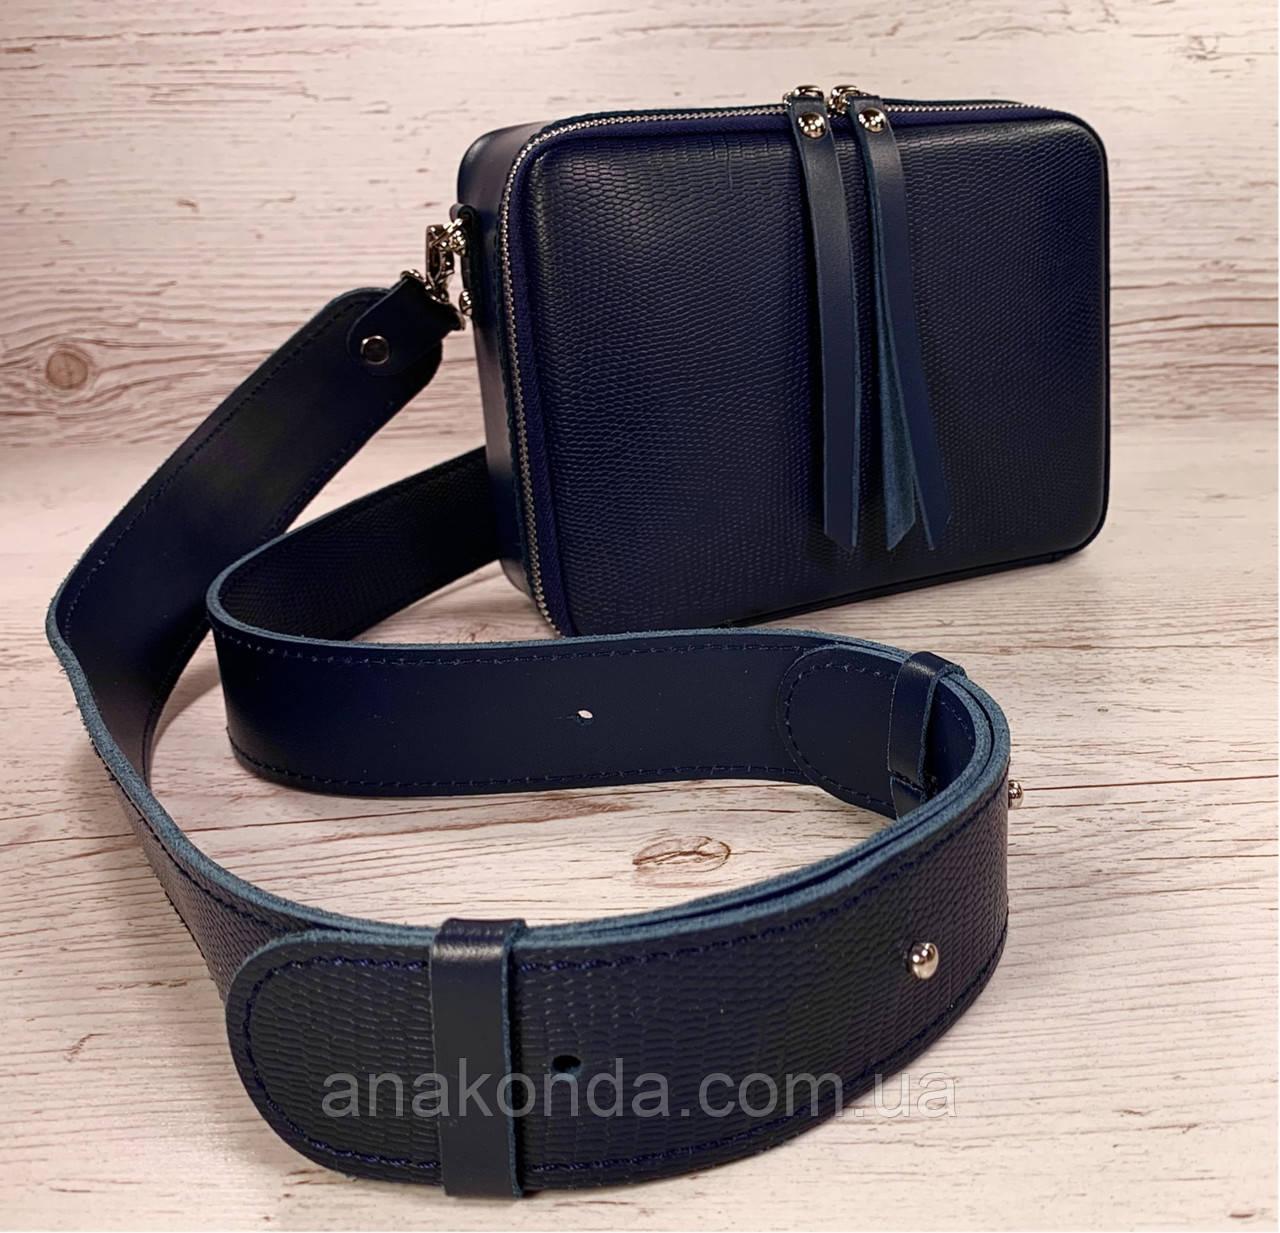 64-р Натуральная кожа Сумка женская через плечо Кожаная сумка с широким ремнем Сумка кросс-боди кожаная синяя